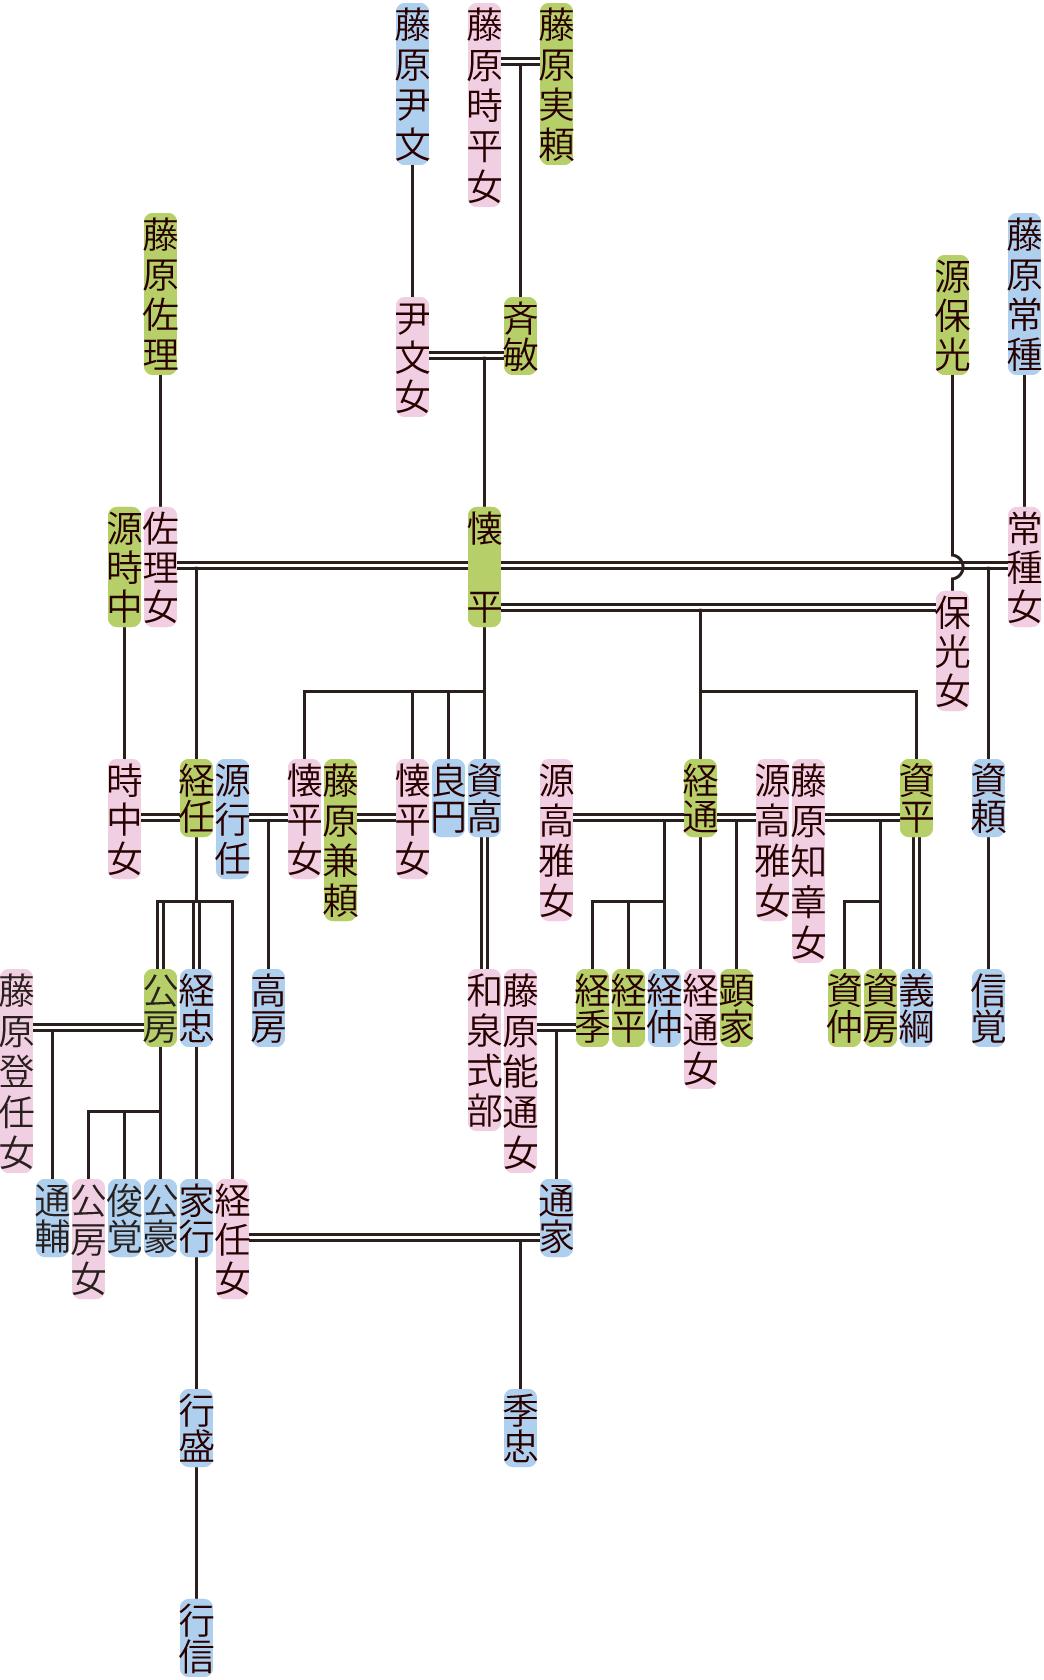 藤原懐平の系図